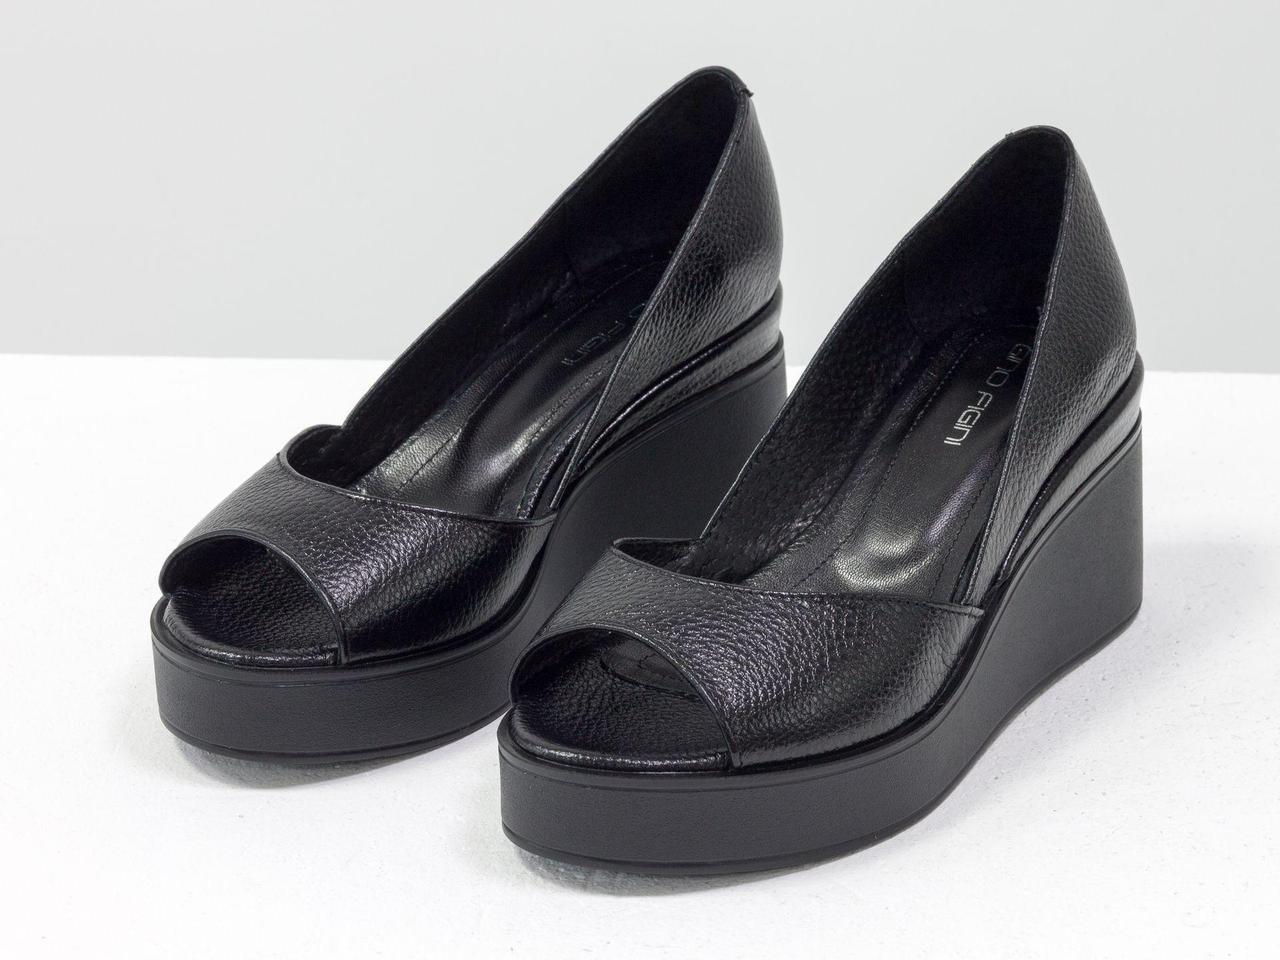 Летние Туфли на танкетке с открытым носиком, из натуральной кожи флотар черного цвета, 36-41